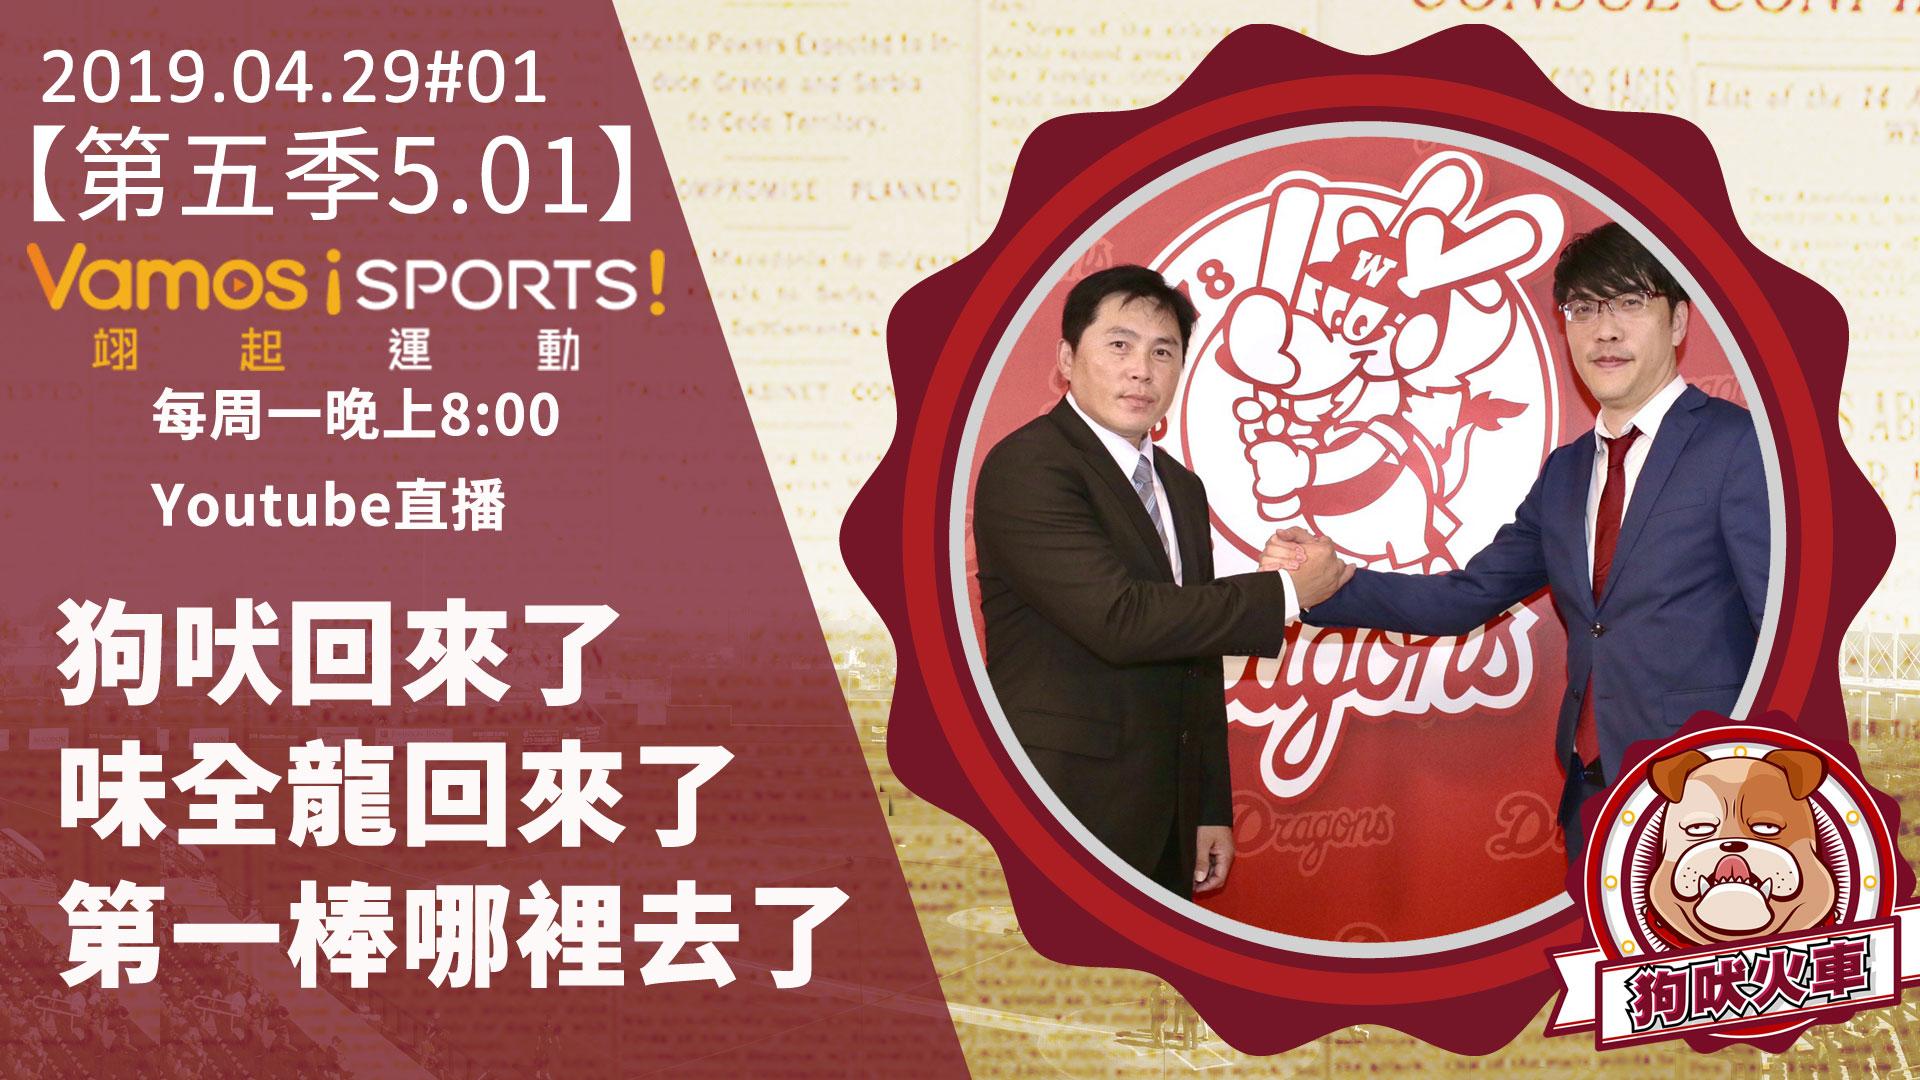 狗吠火車4/29開始直播  帶你一手掌握台灣棒球